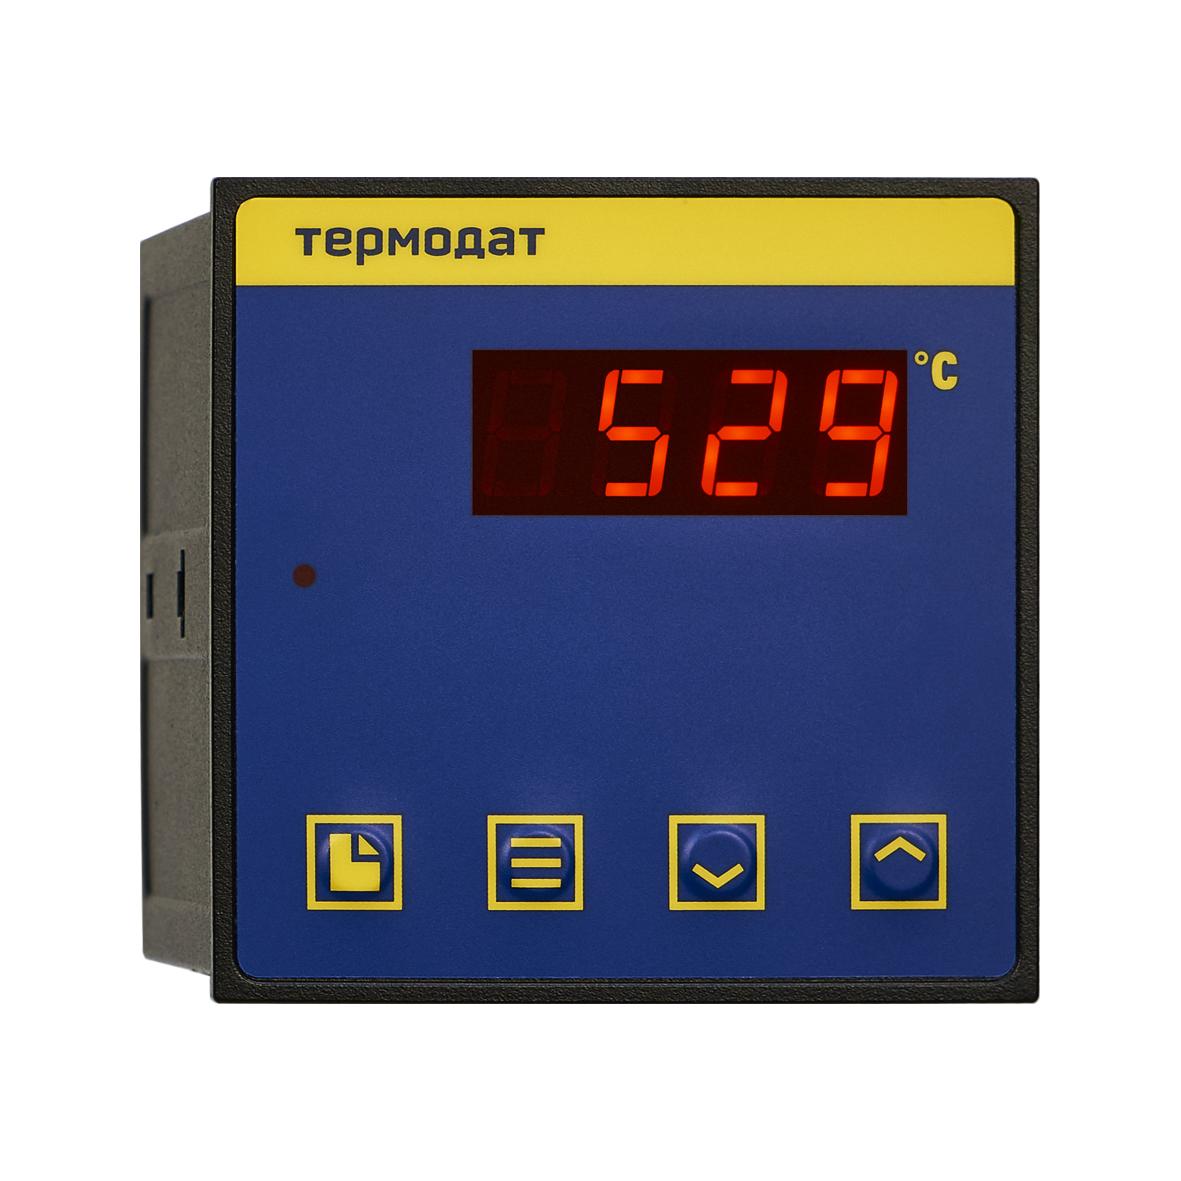 Термодат-10М7